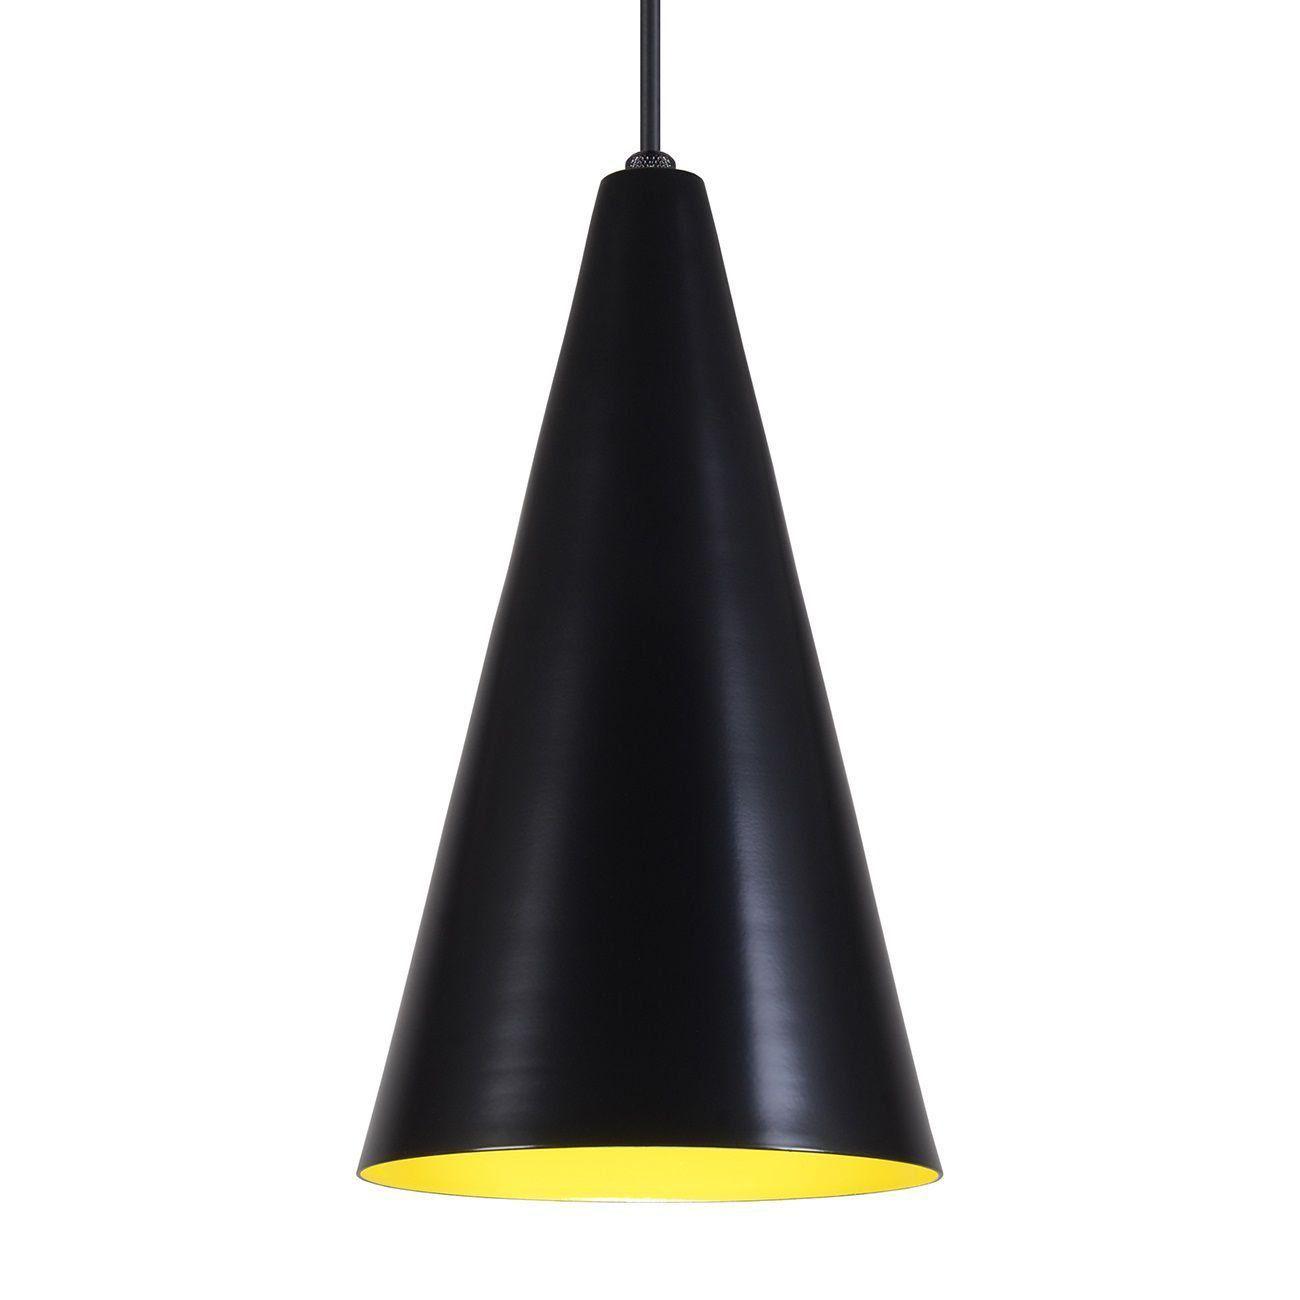 Pendente Cone Luminária Lustre Alumínio Preto Fosco C/ Amarelo - Rei Da Iluminação